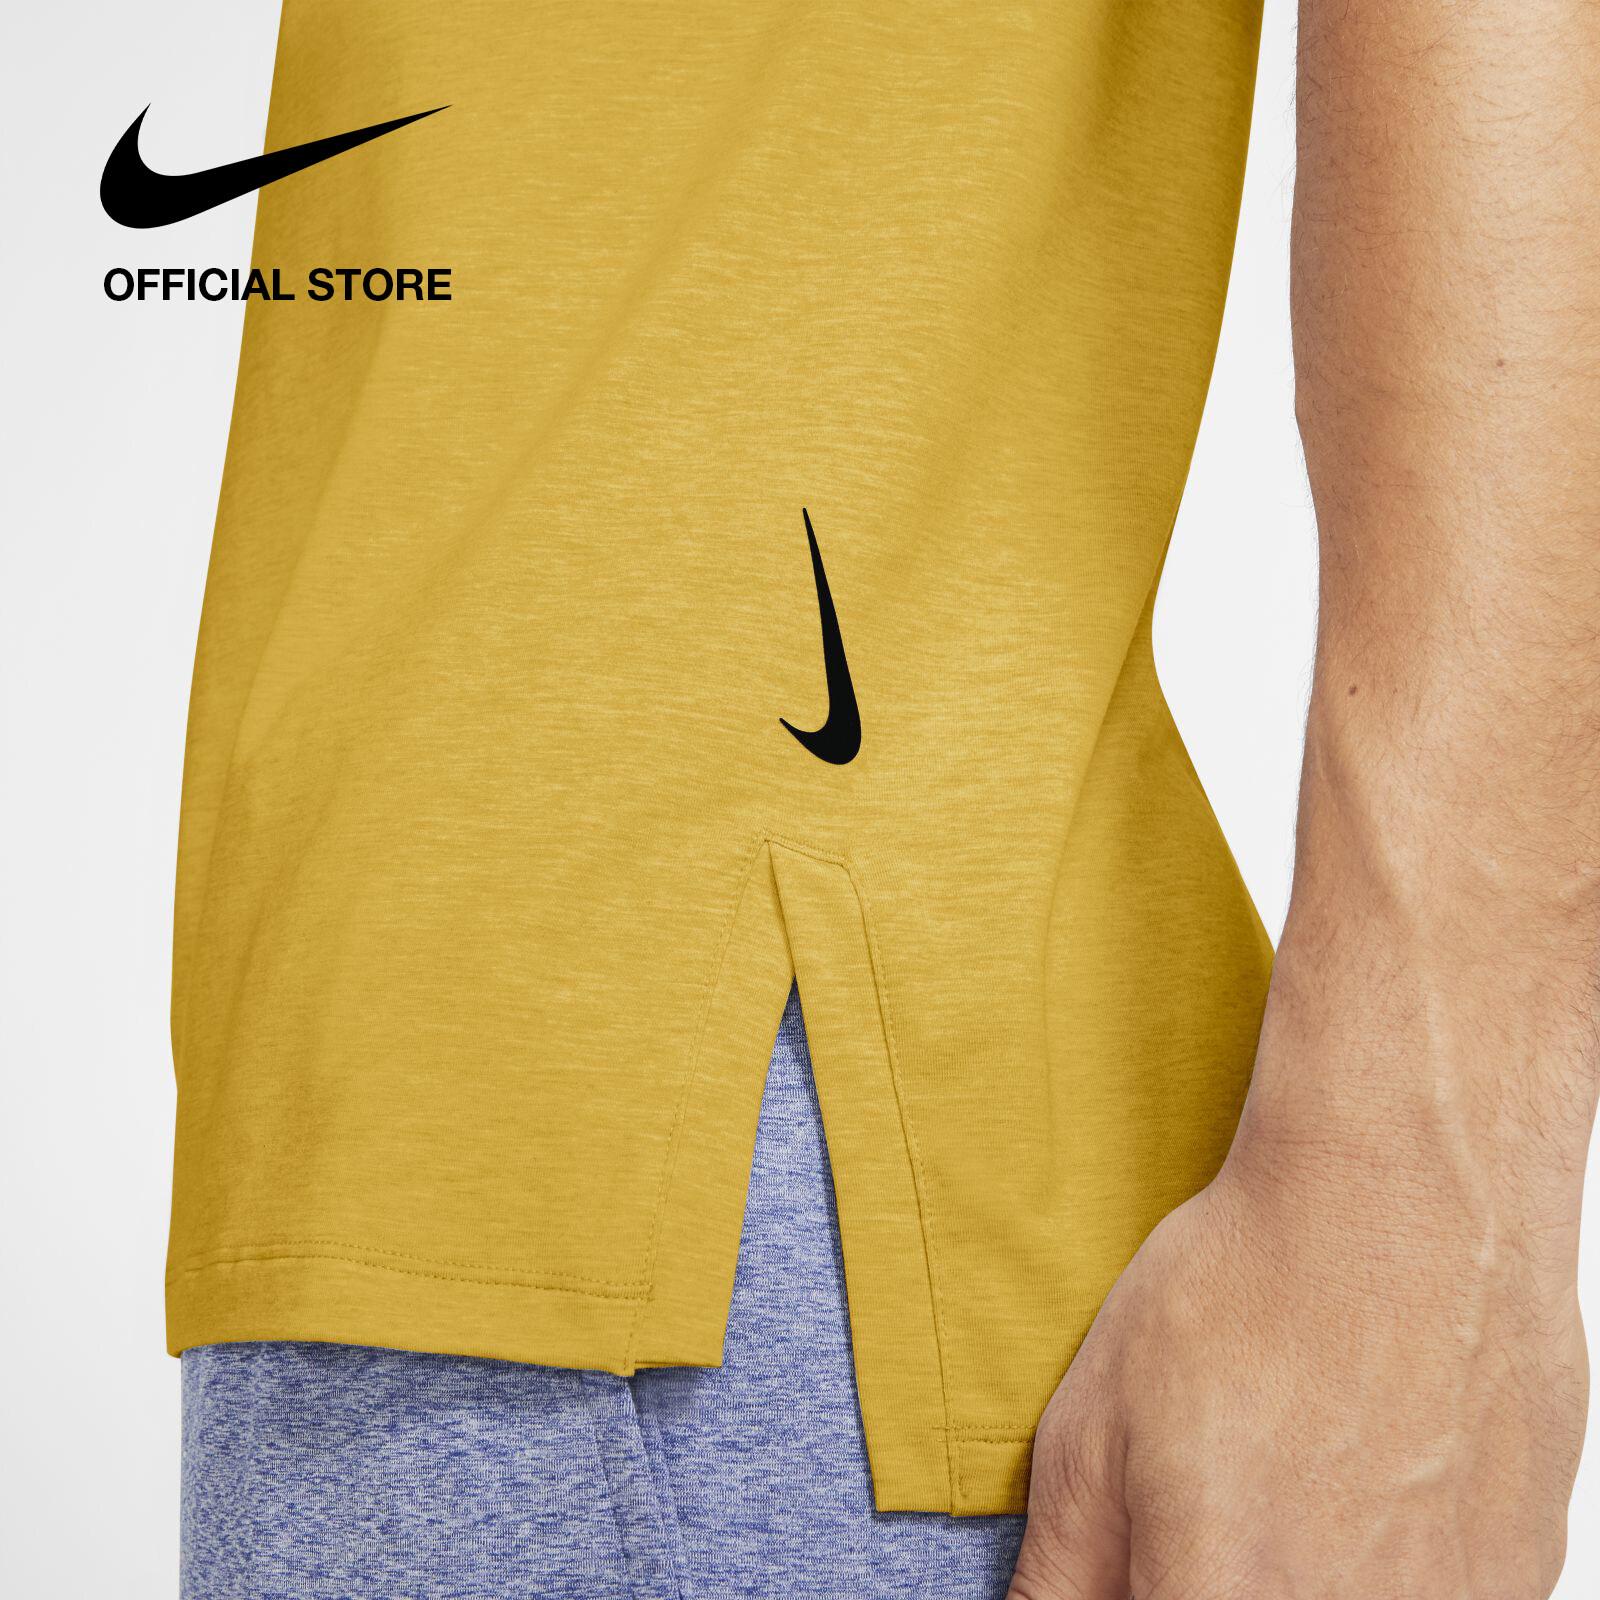 รีวิว Nike Men's Yoga Tank - Dark Sulfur ไนกี้ เสื้อโยคะผู้ชาย - สีเหลือง